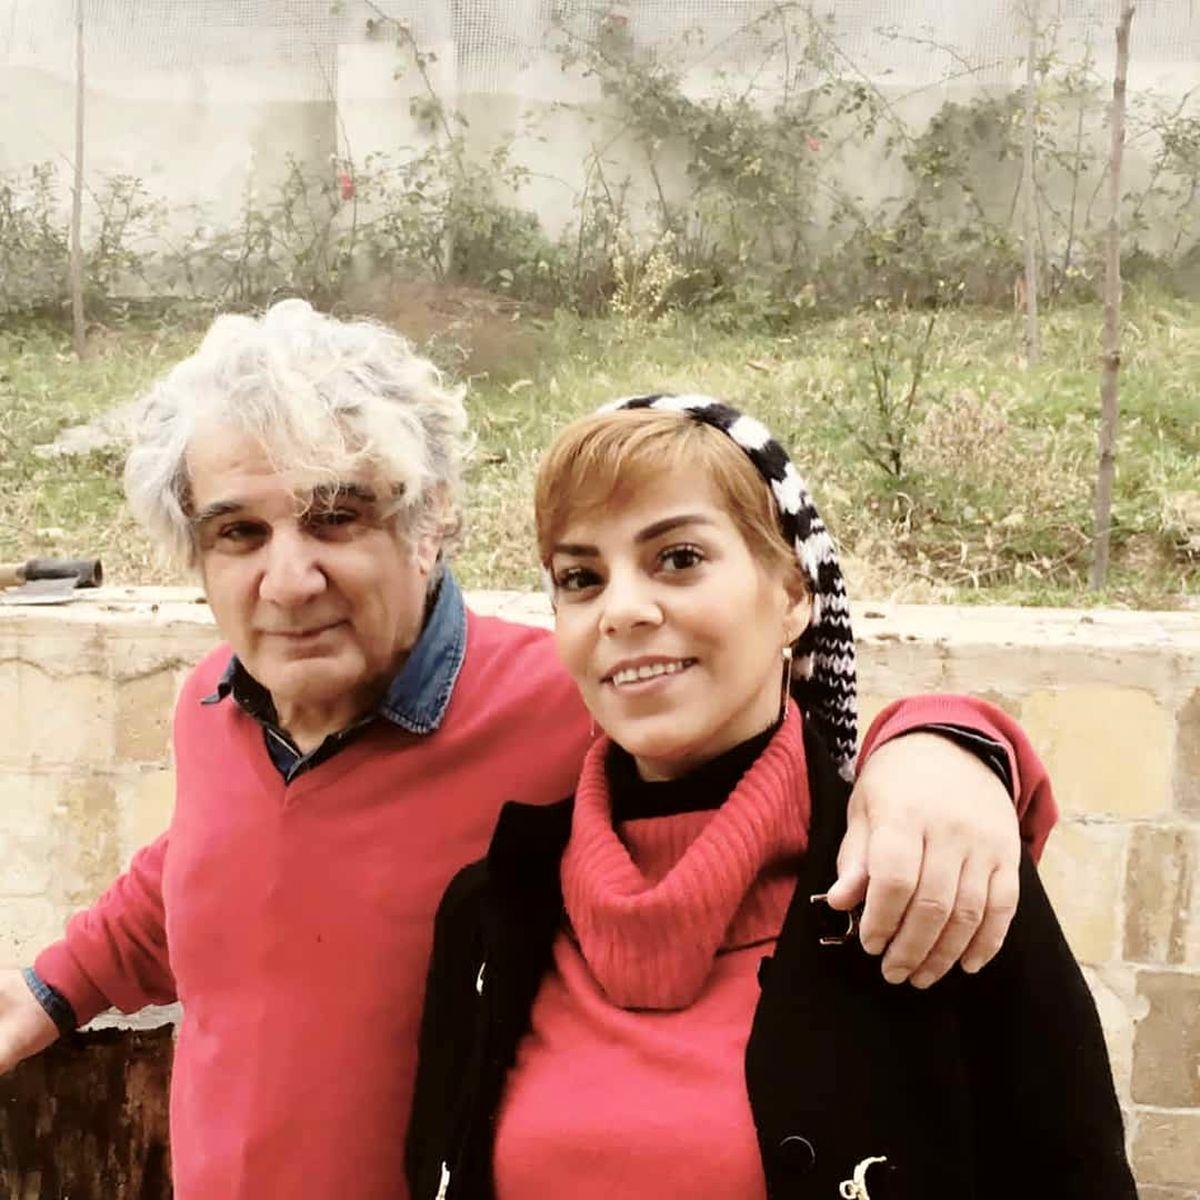 عکس عاشقانه مهدی هاشمی و همسر دومش در طبیعت